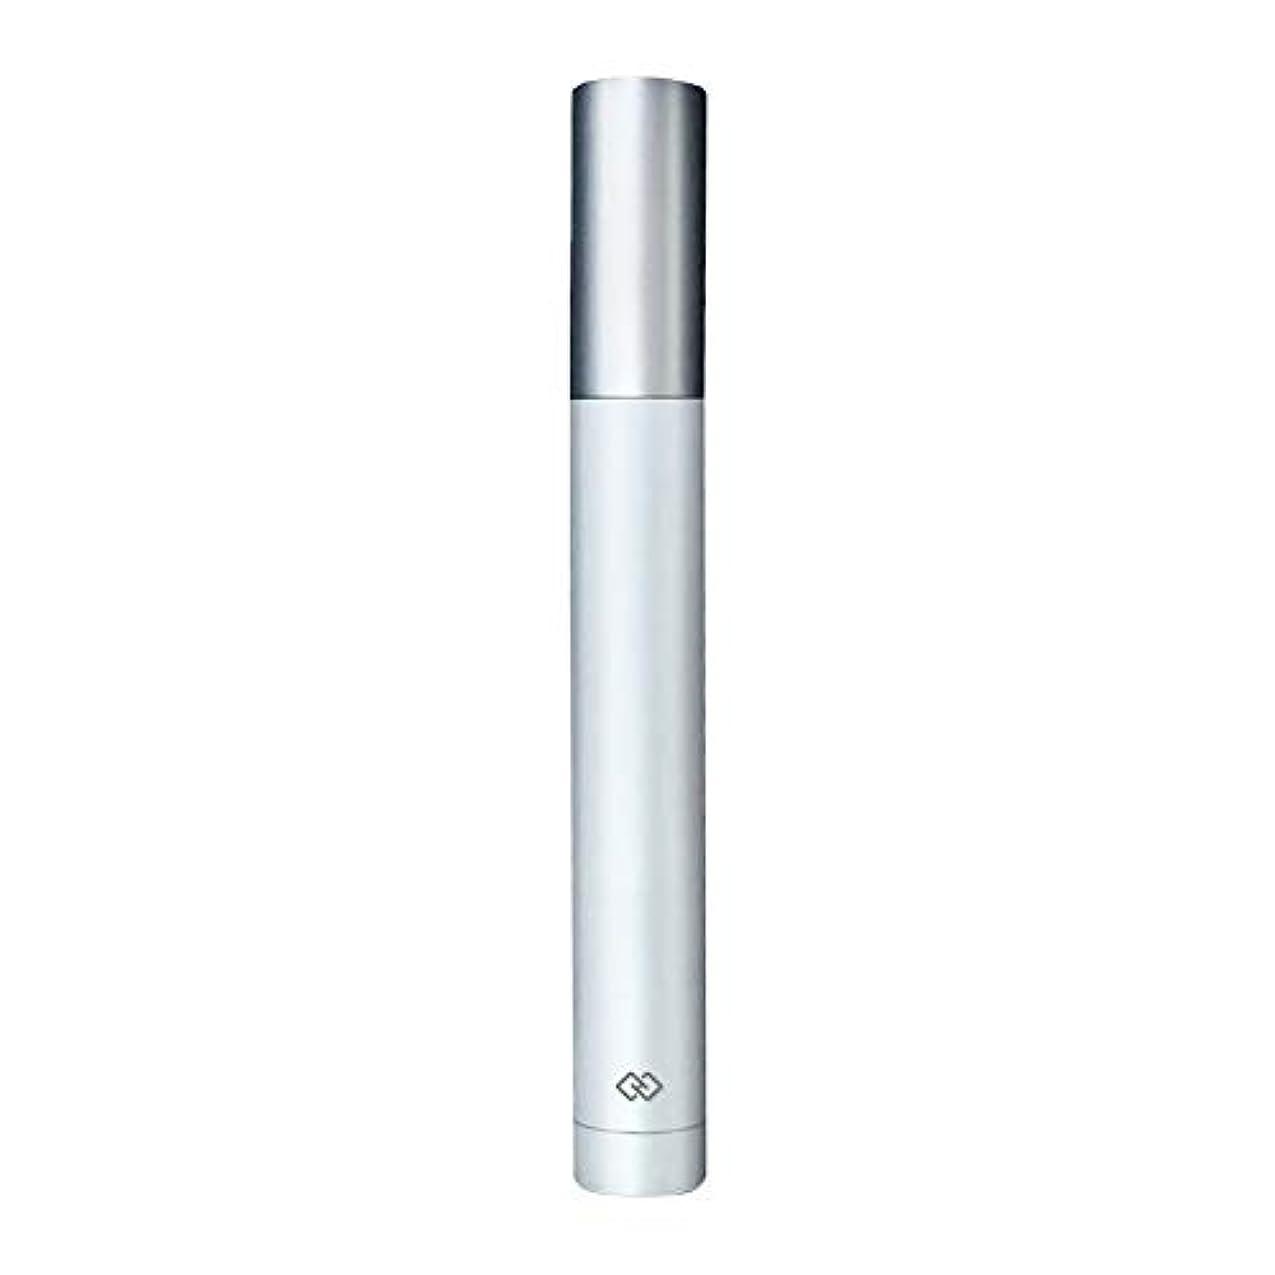 寂しい夫流出鼻毛トリマー-密閉防水効果/シングルカッターヘッドシャープで耐久性のある/男性用剃毛鼻毛はさみ/ポータブルデザイン、旅行に便利/ 12.9 * 1.65cm 持つ価値があります (Color : White)